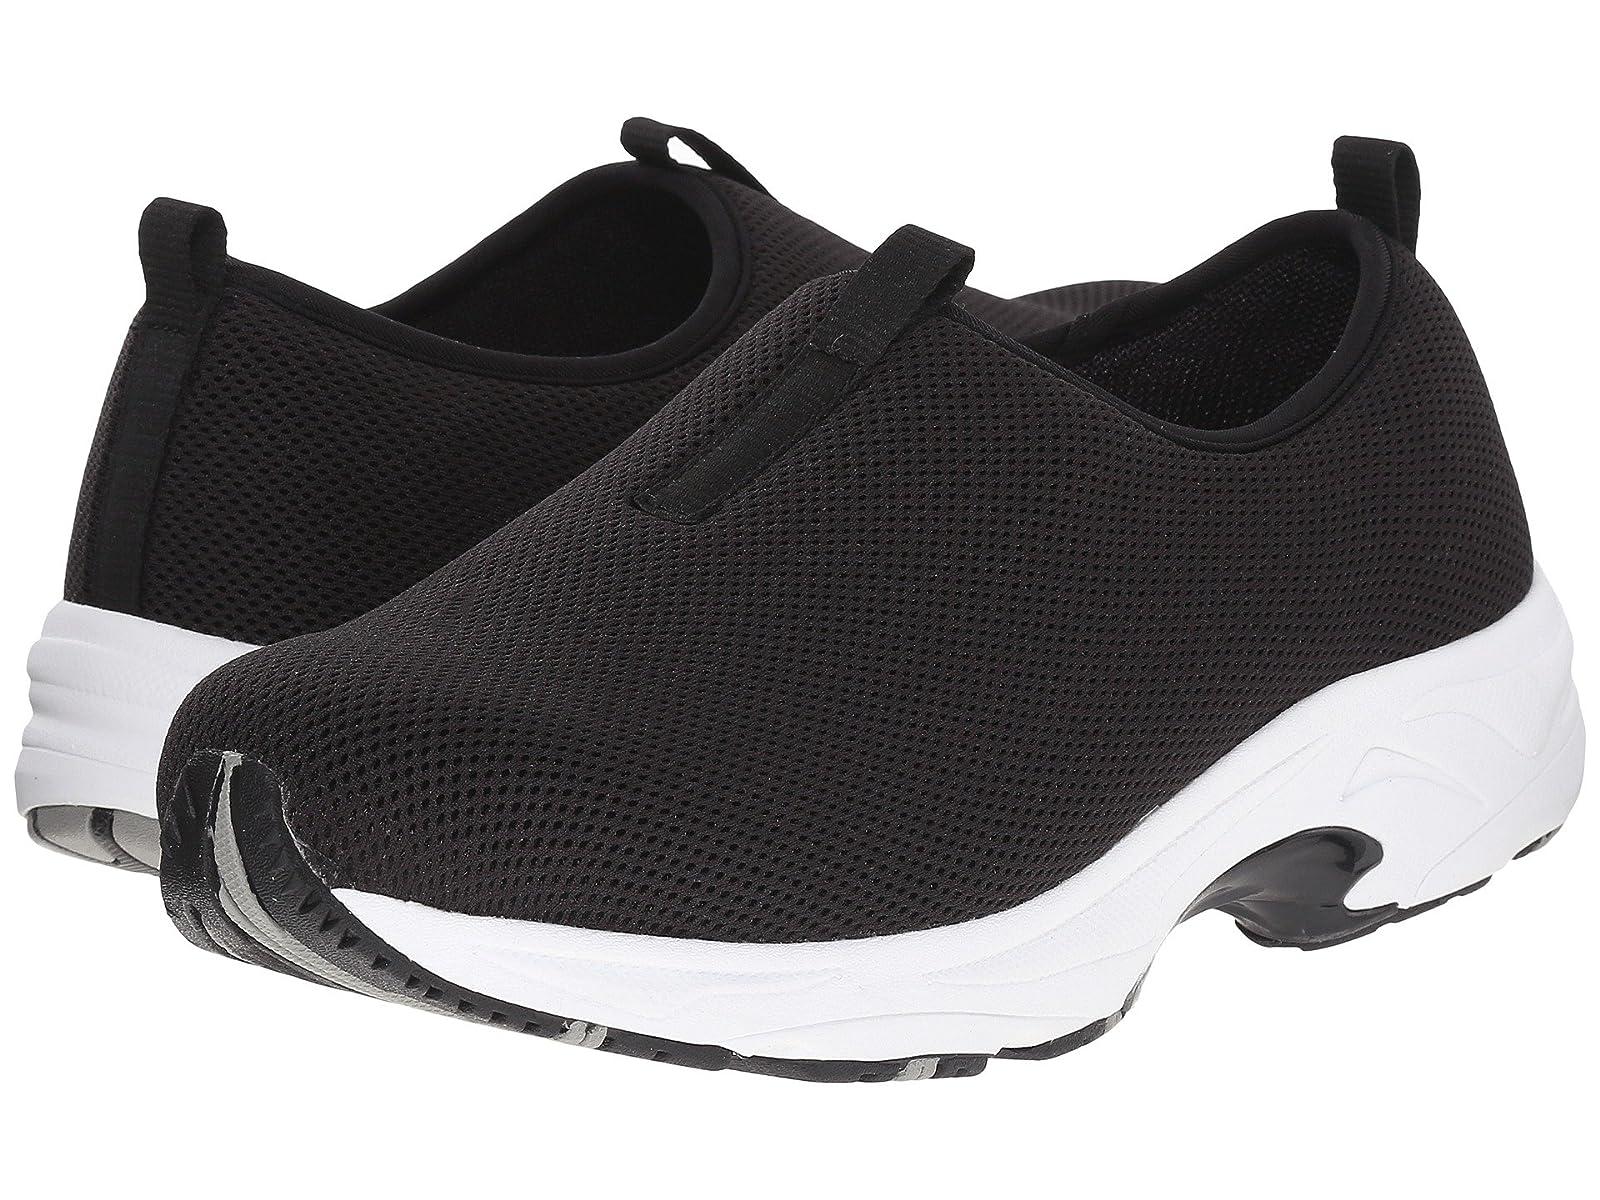 Drew BlastAtmospheric grades have affordable shoes